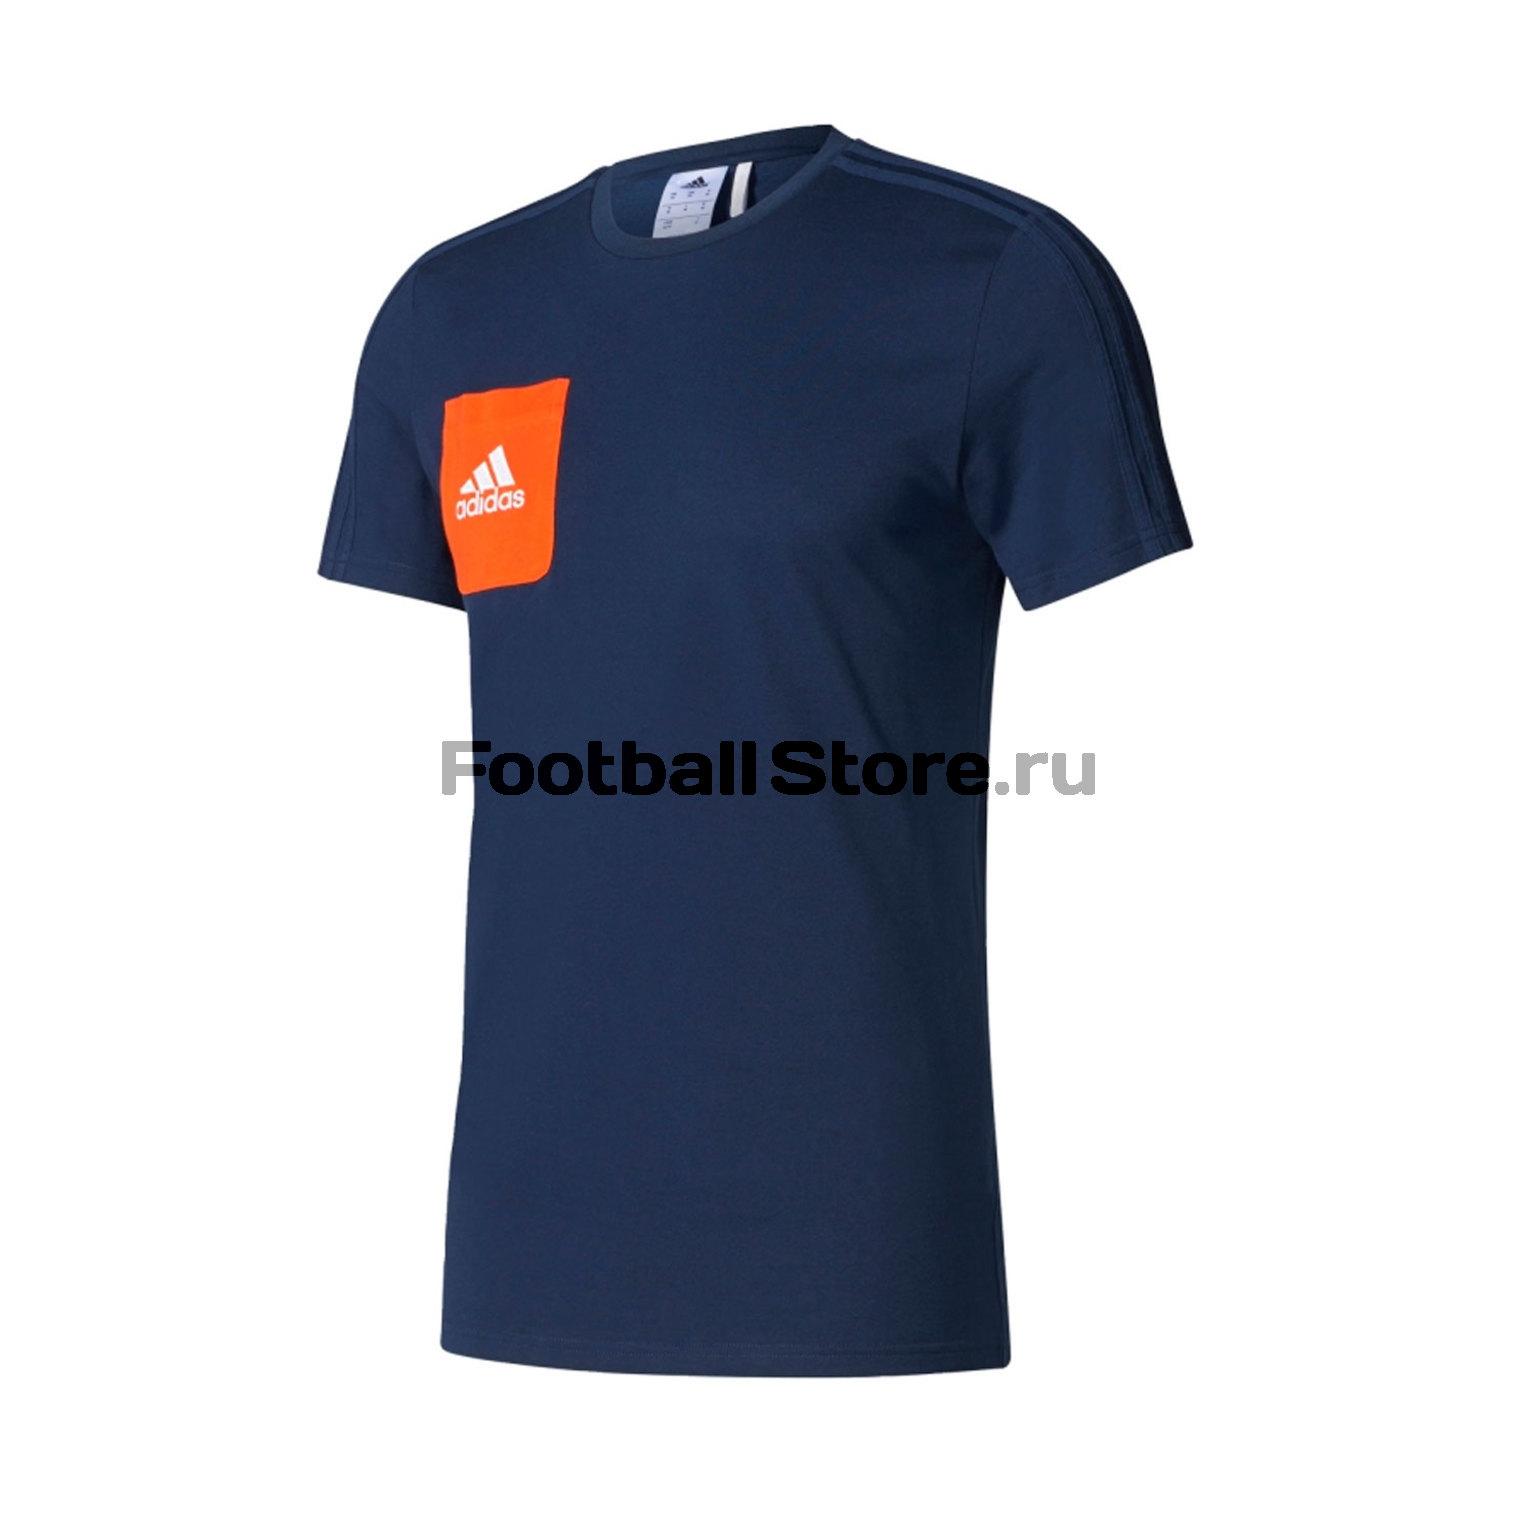 Футболка тренировочная Adidas Tiro17 Tee BQ2663 футболка тренировочная adidas tiro17 tee ay2964